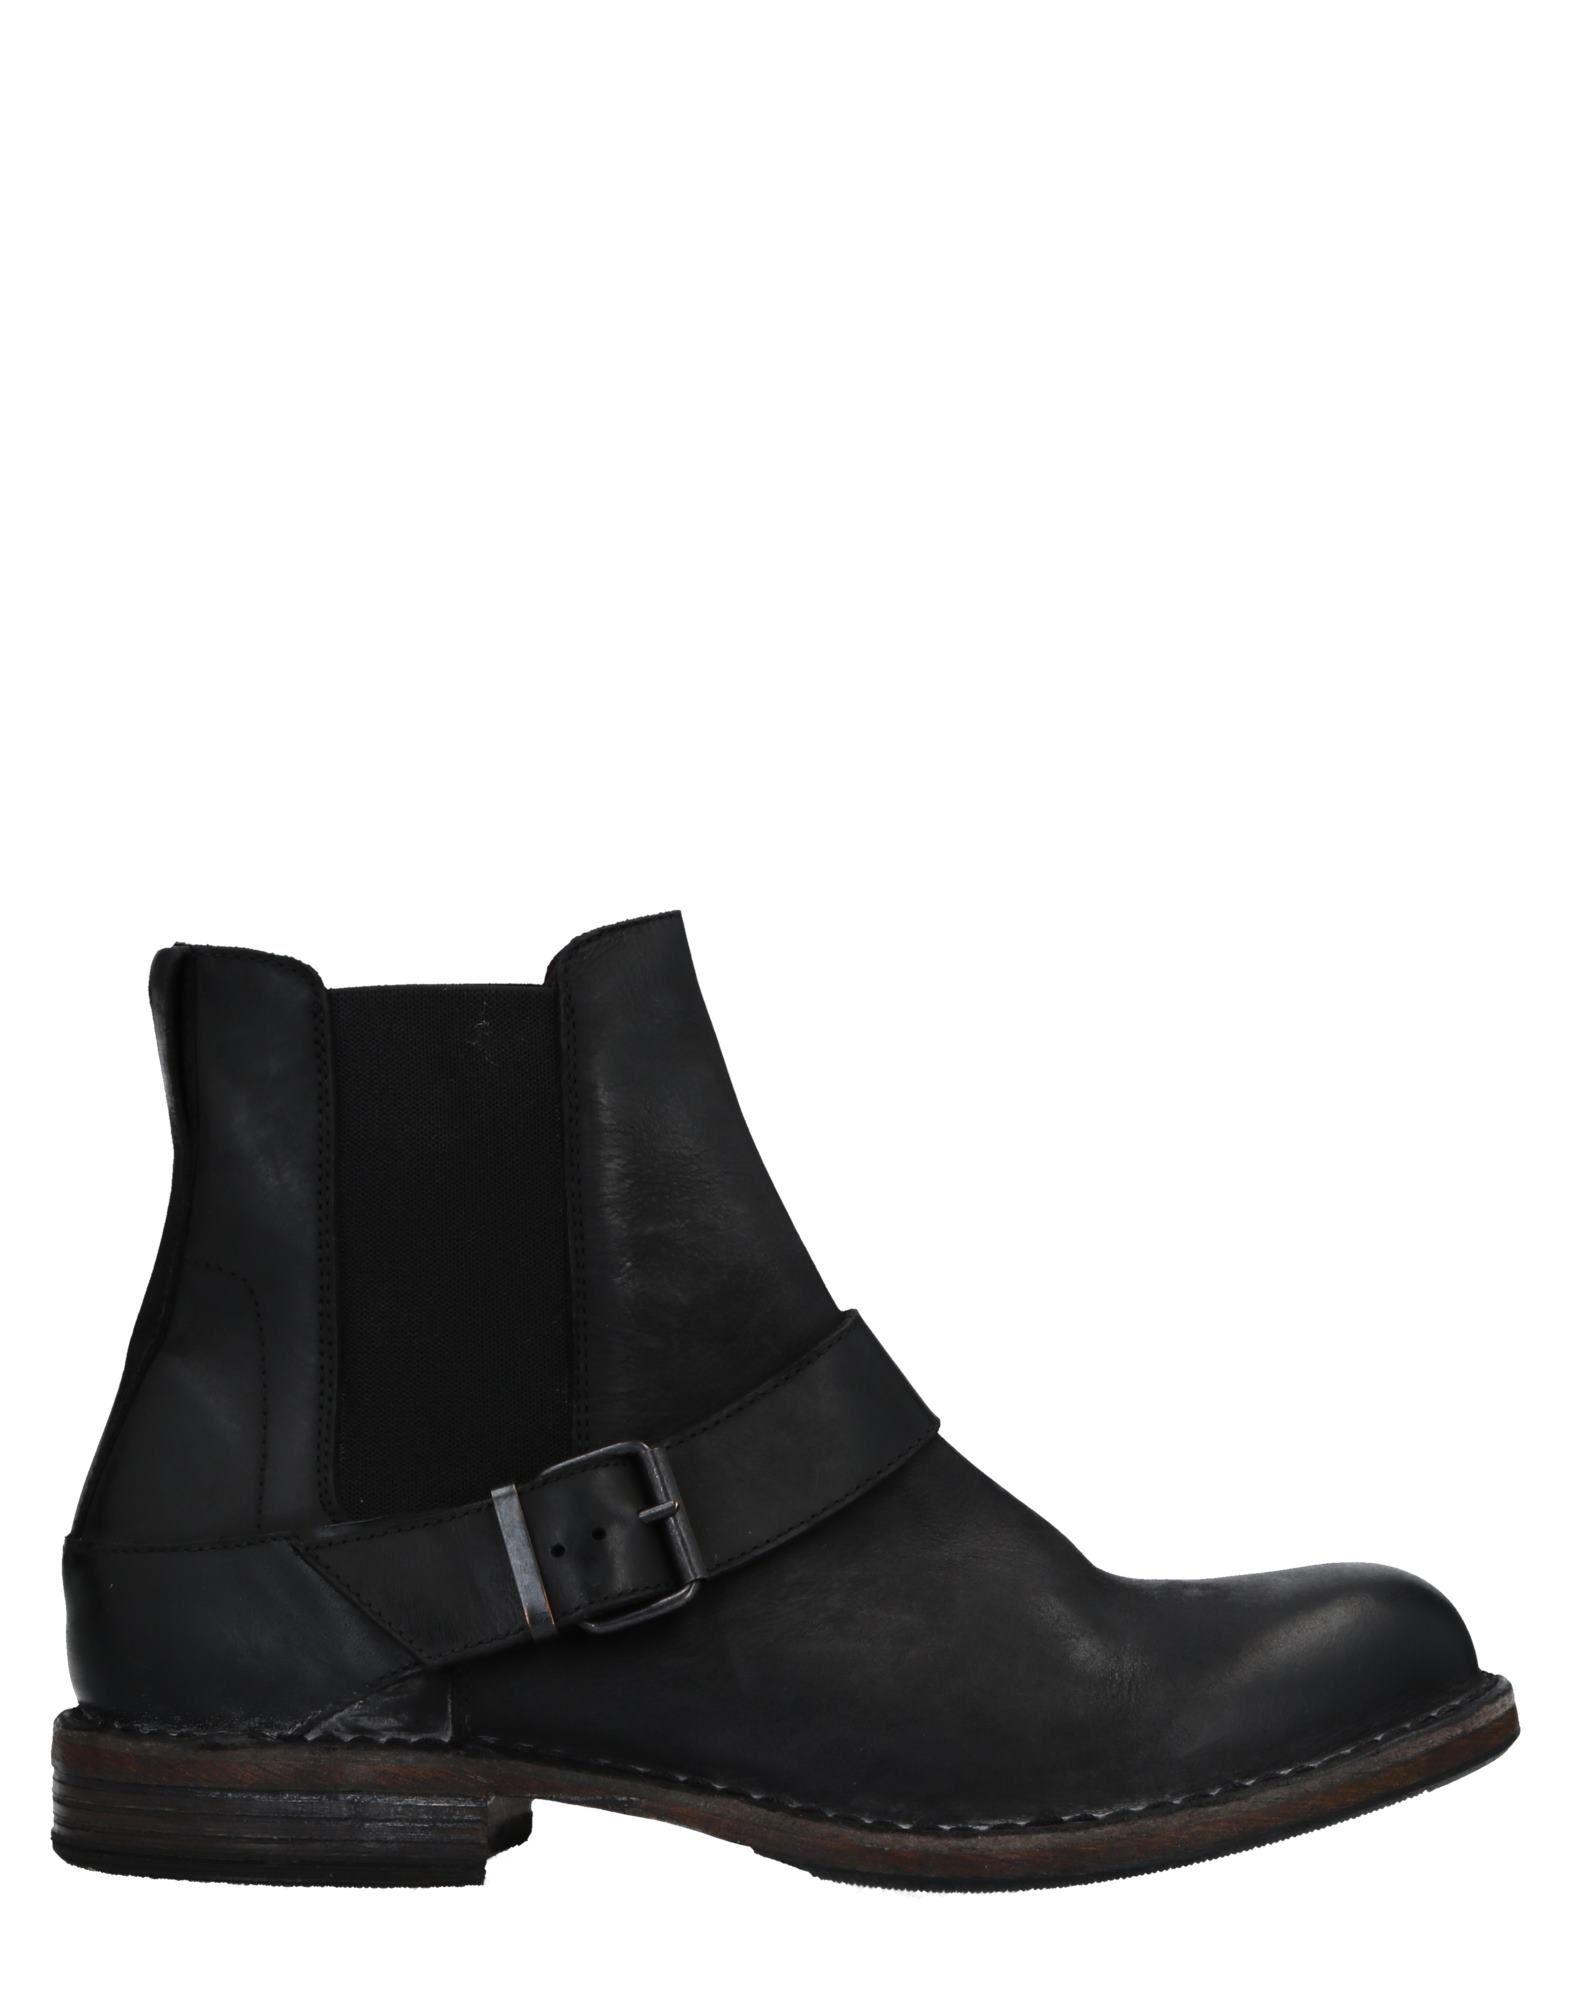 Moma Stiefelette Herren  11516627KE Gute Qualität beliebte Schuhe